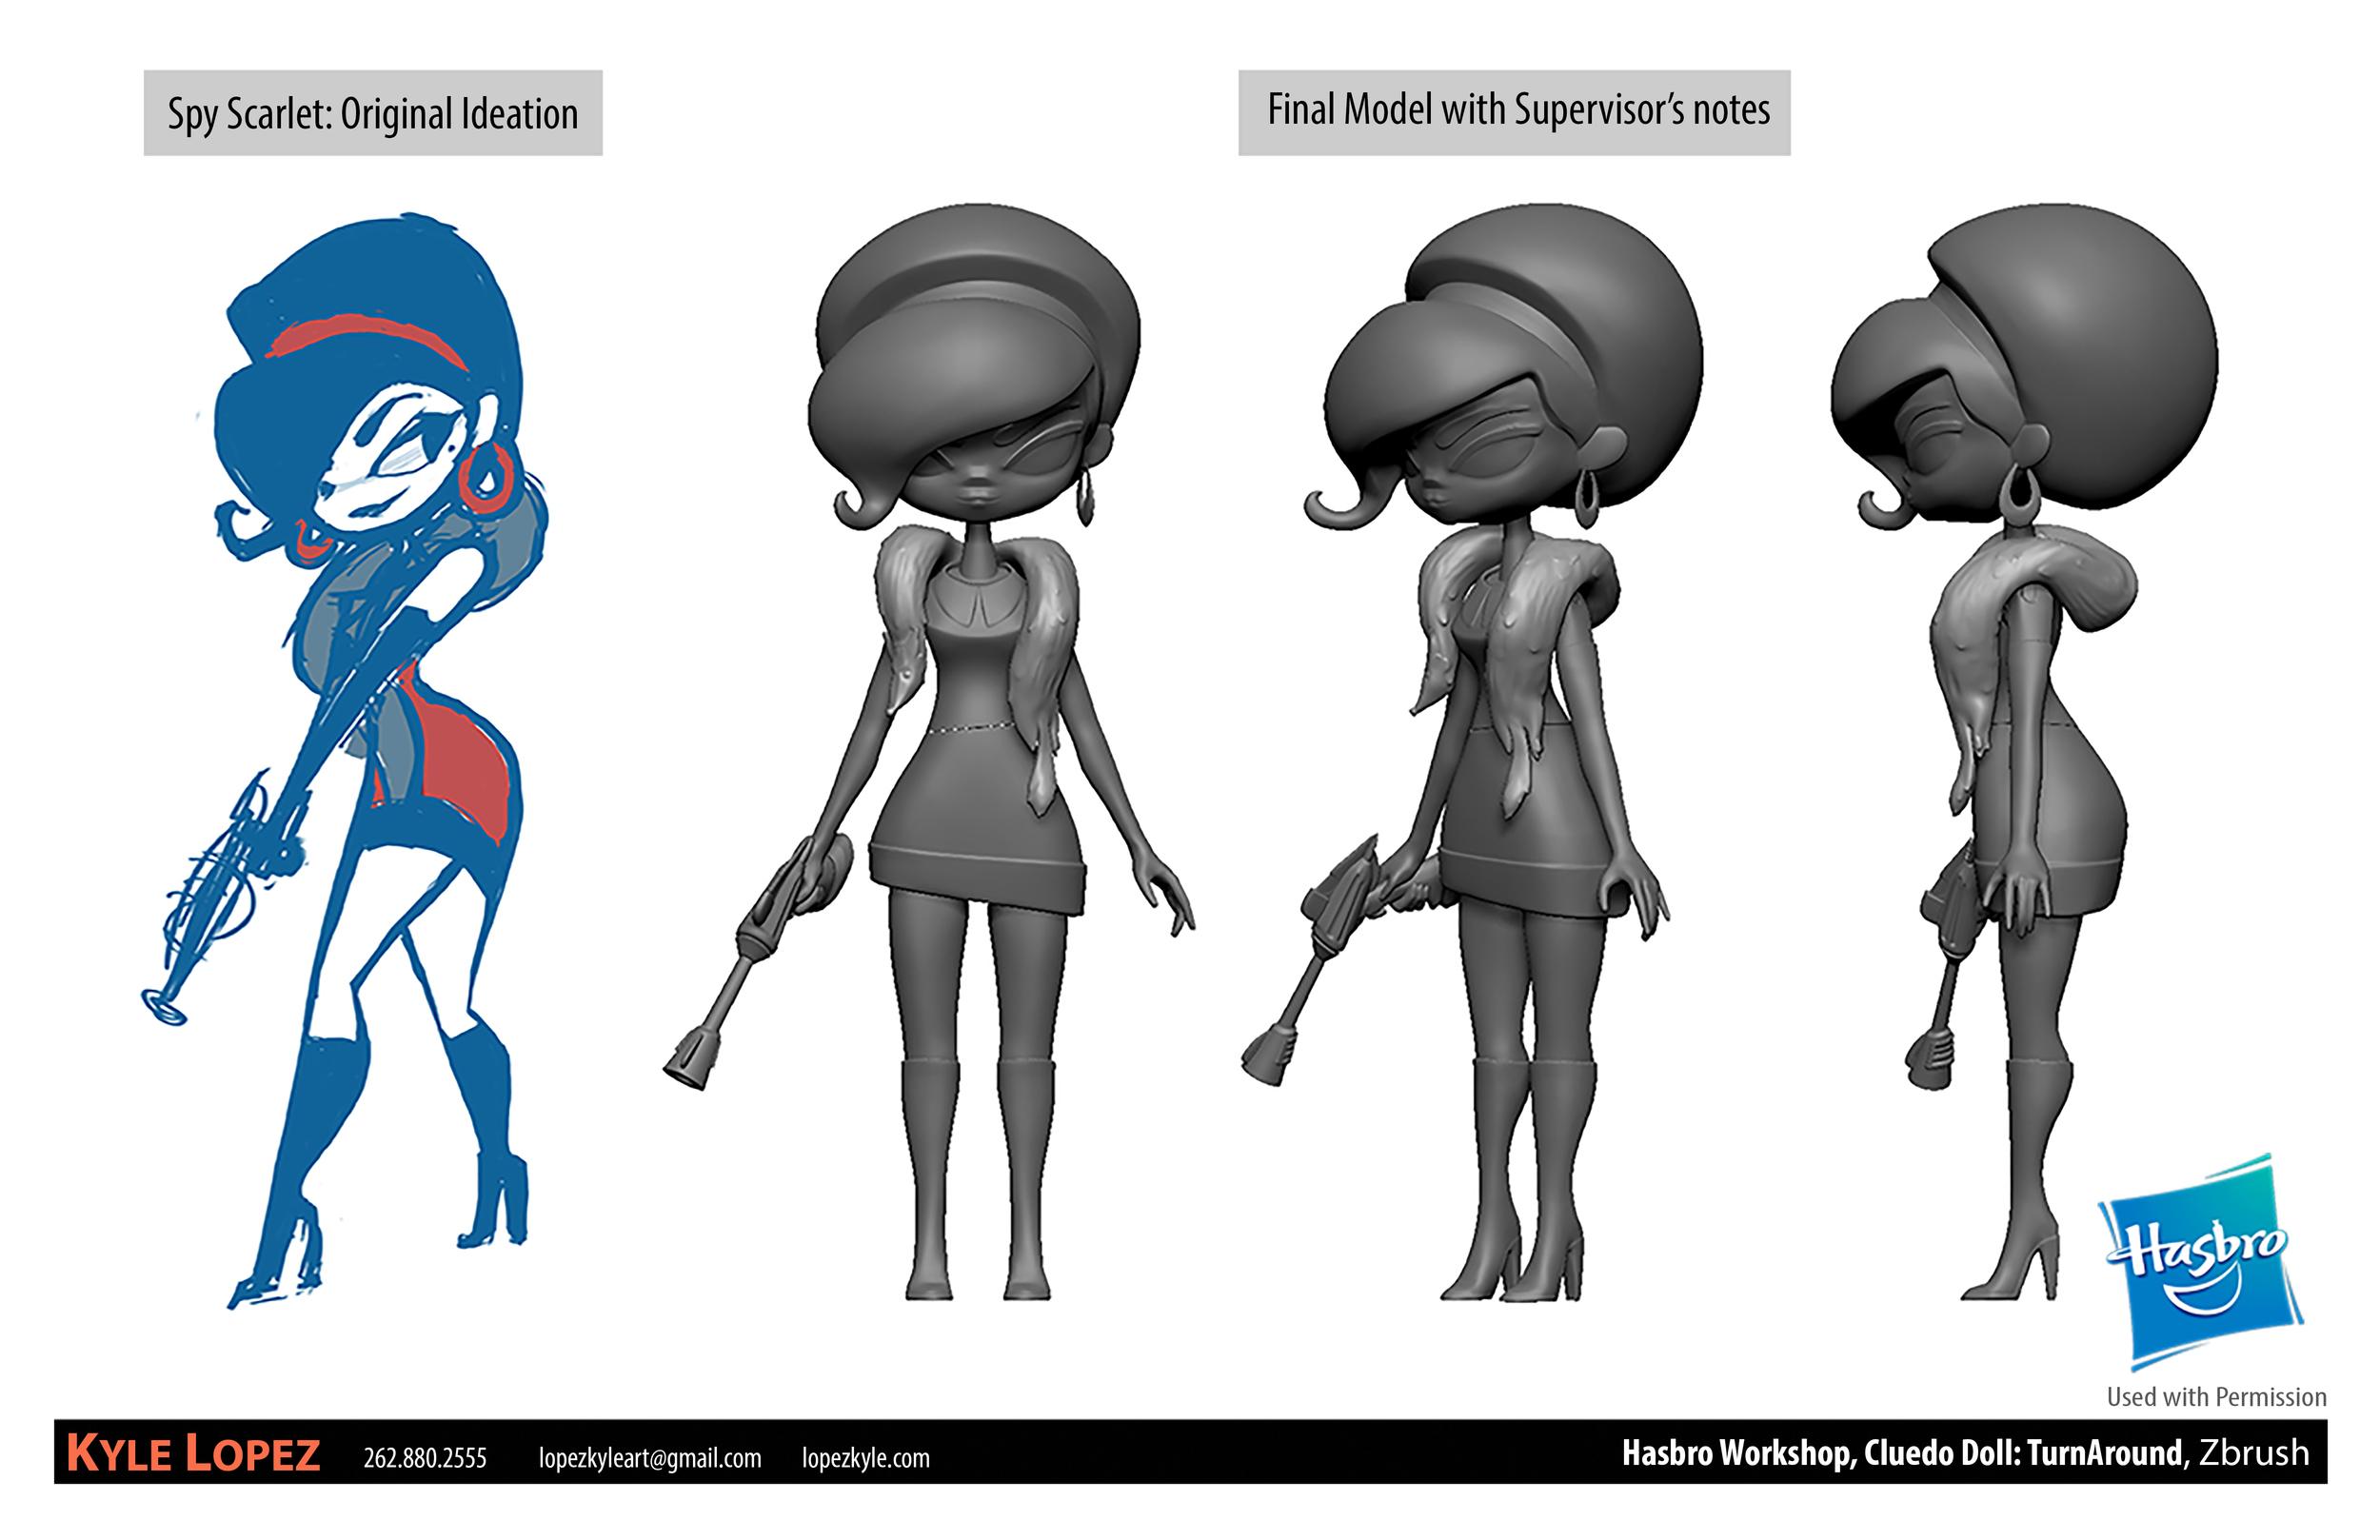 klopez_ModelingPort_UpdatedContact_0008_05_HasbroWorkshop.jpg